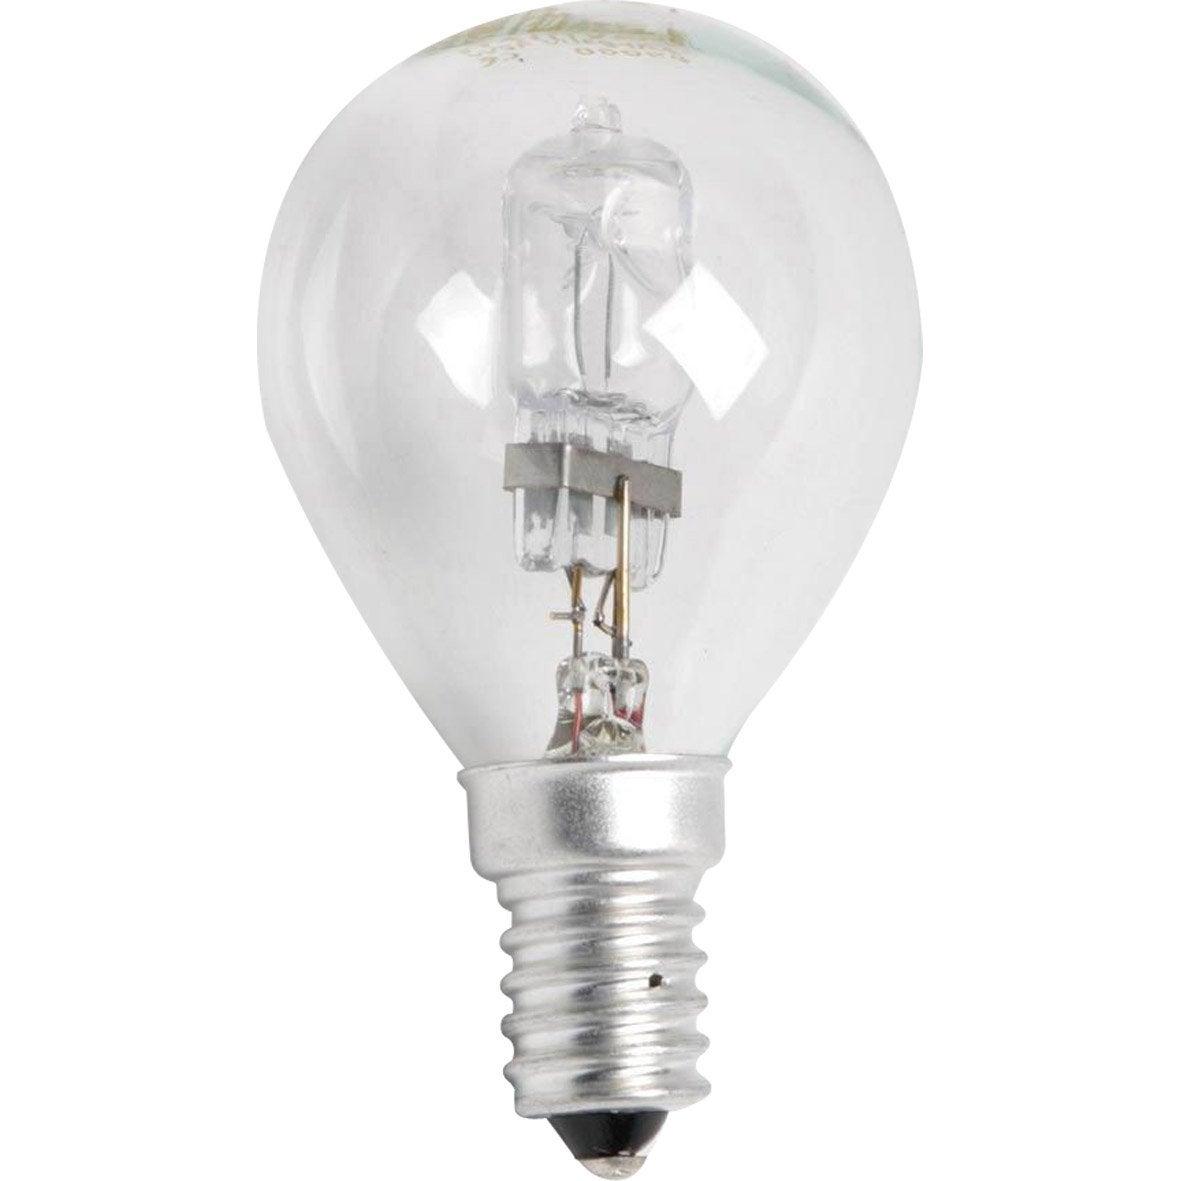 Ampoule Spherique Halogene Eco 30w Lexman E 14 Lumiere Chaude Env